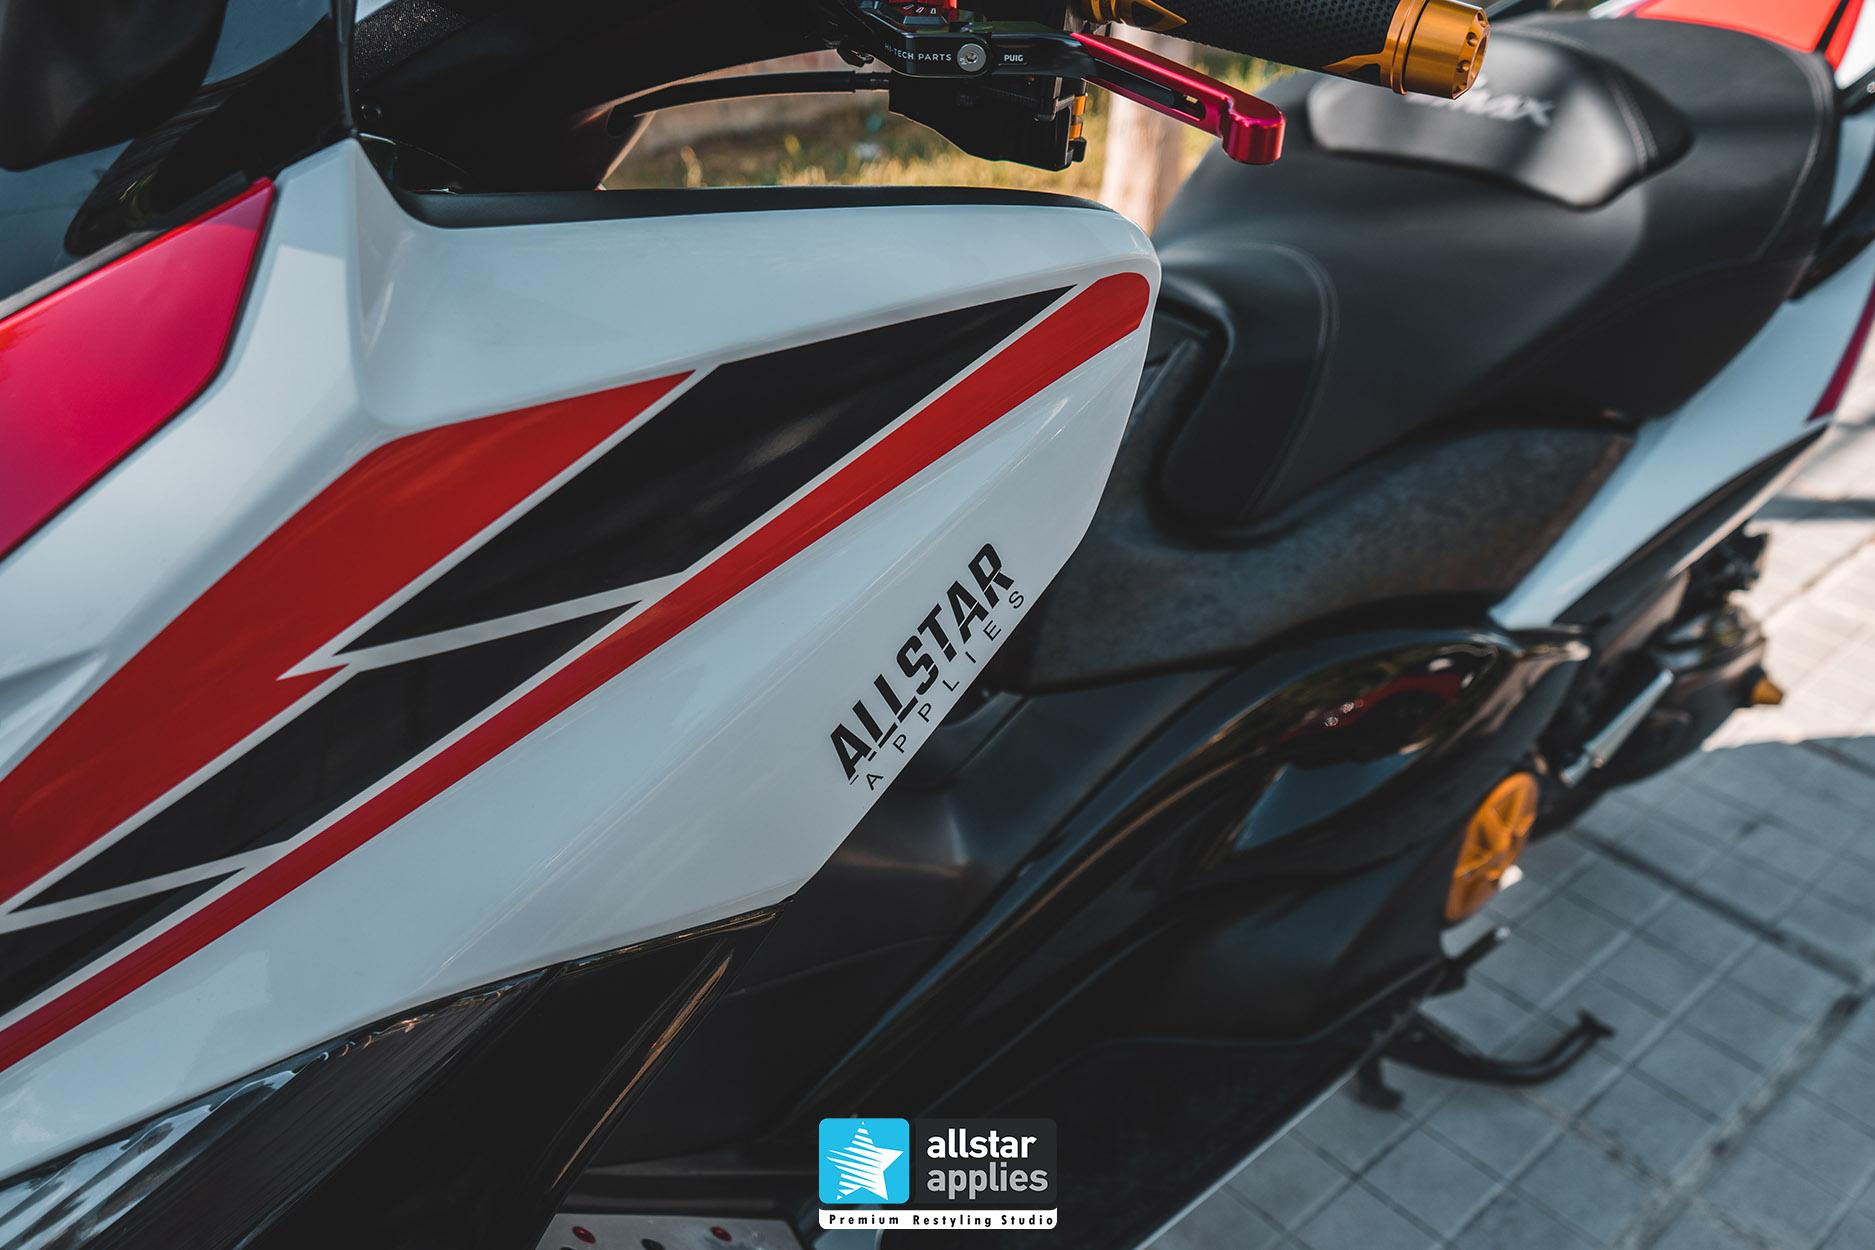 TMAX 500 ALLSTAR APPLIES 11